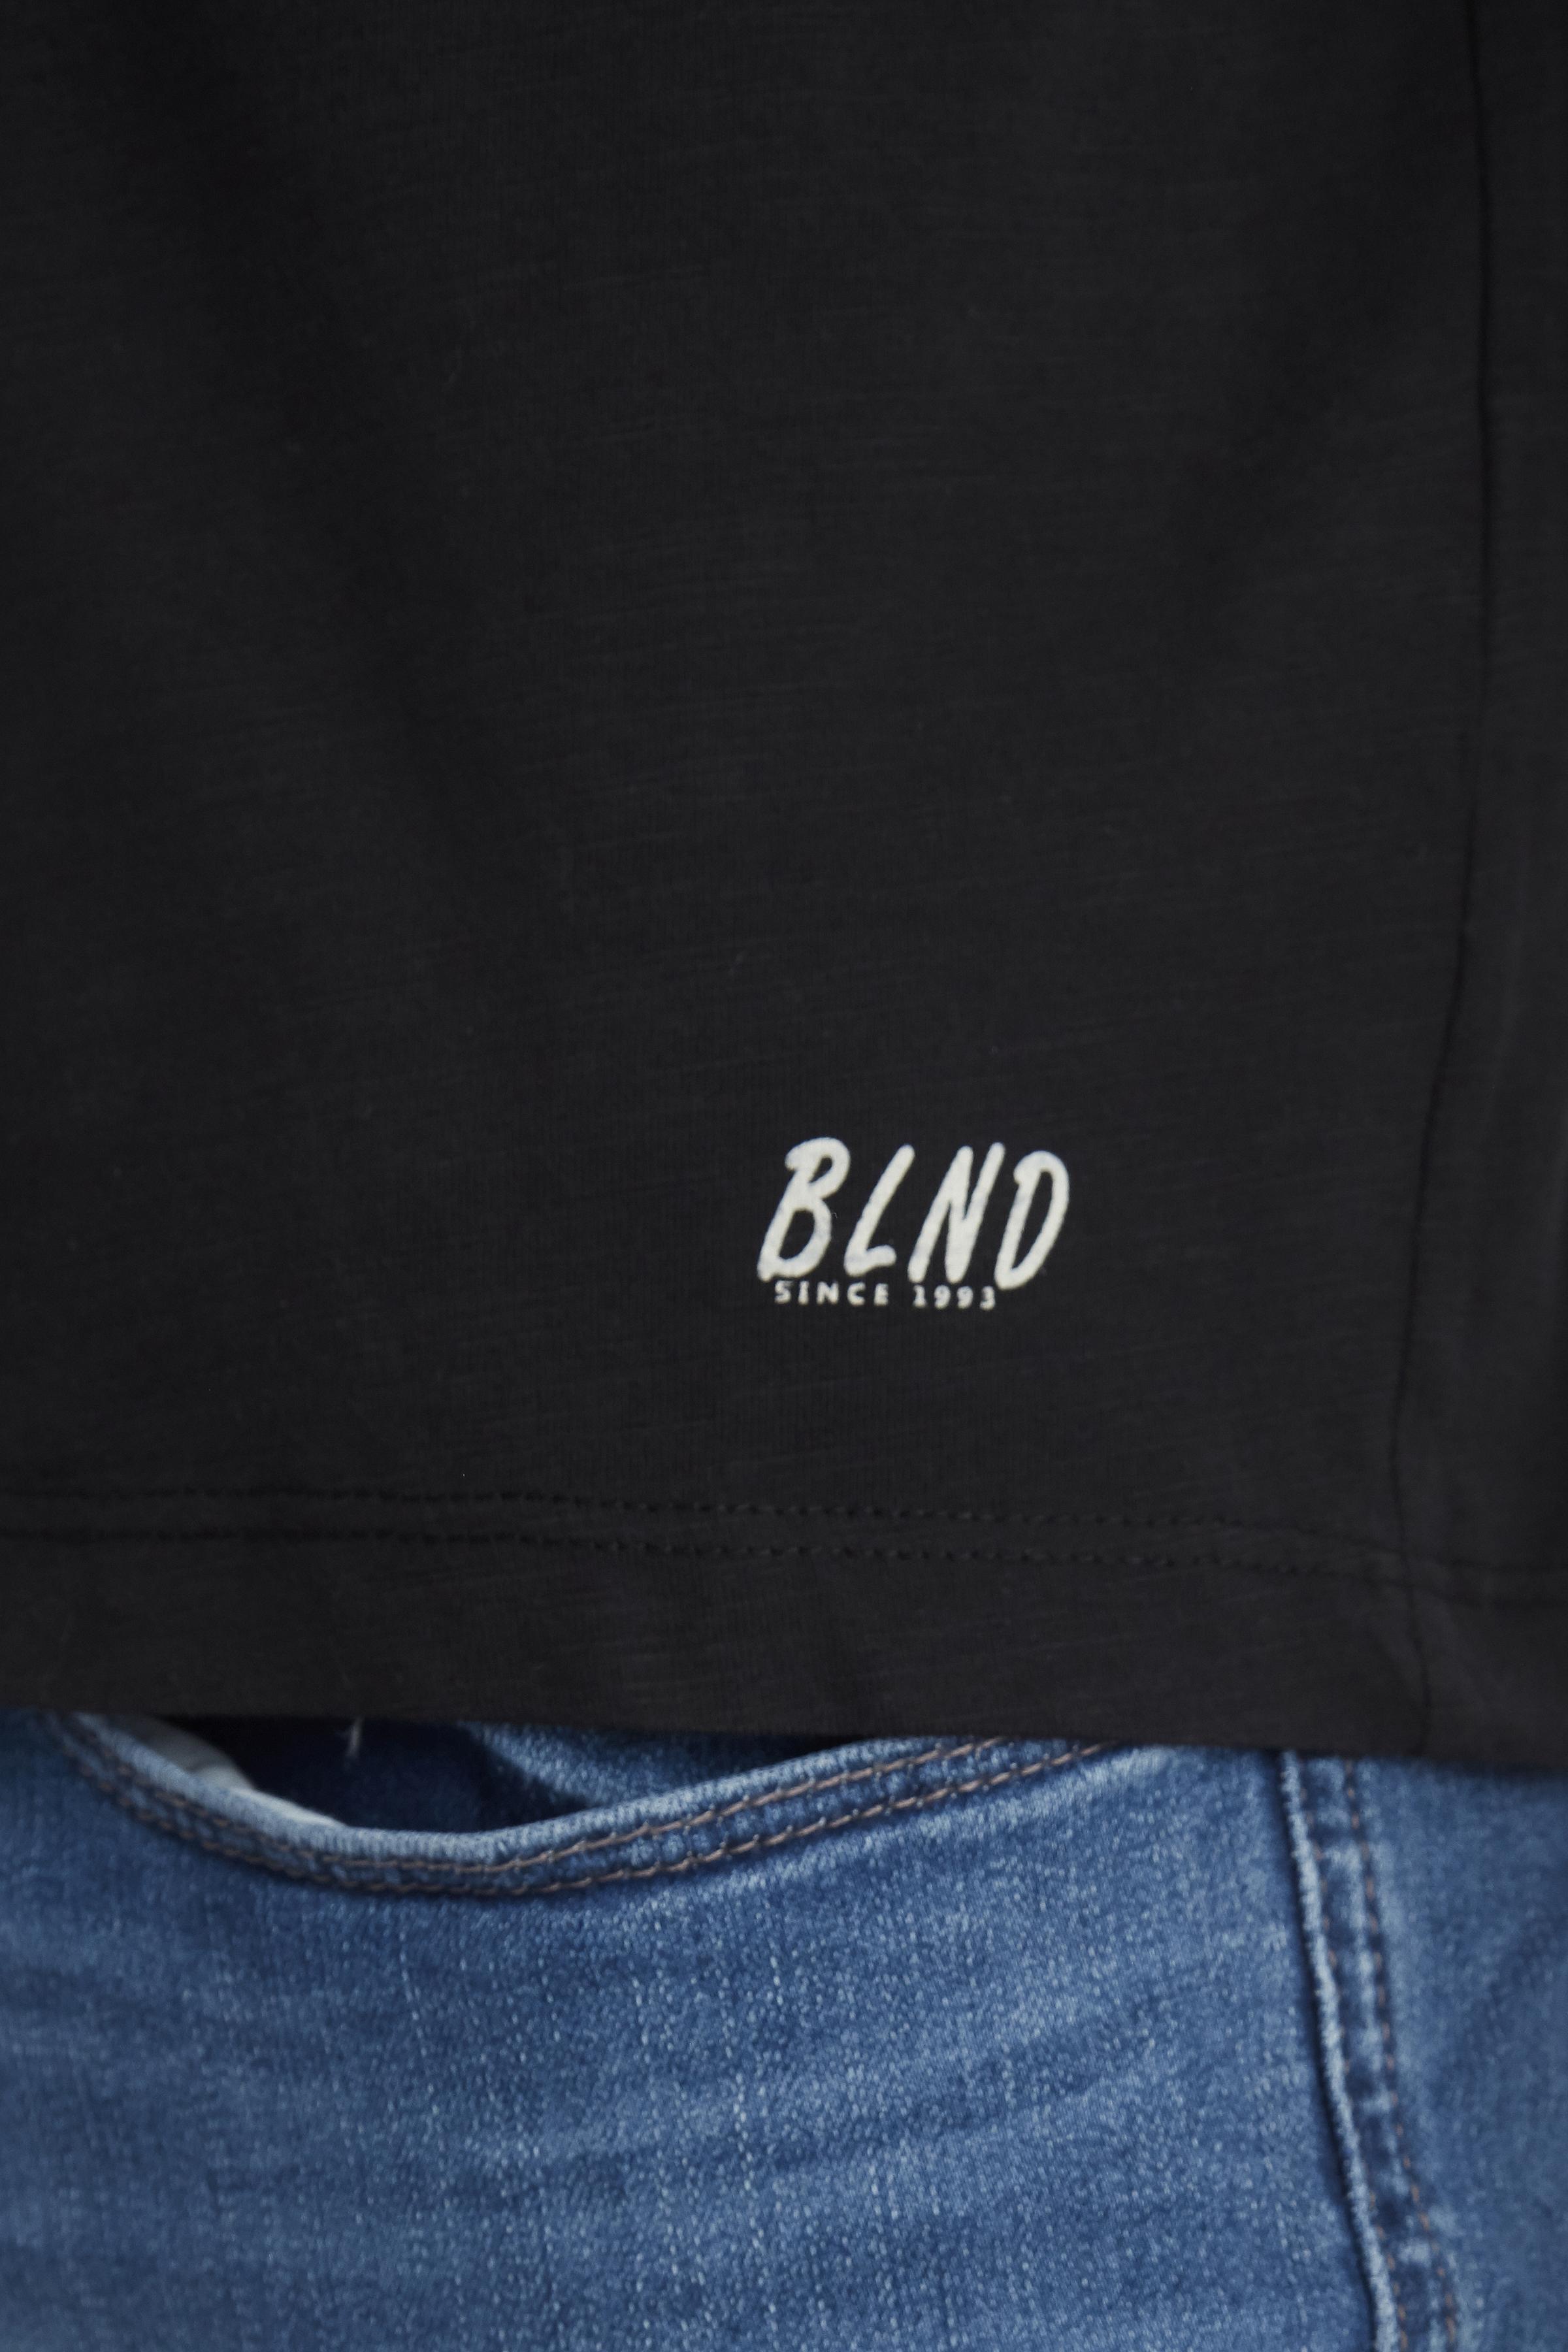 Black BHNICOLAI Long sleeved T-shirt fra Blend He – Køb Black BHNICOLAI Long sleeved T-shirt fra str. S-3XL her